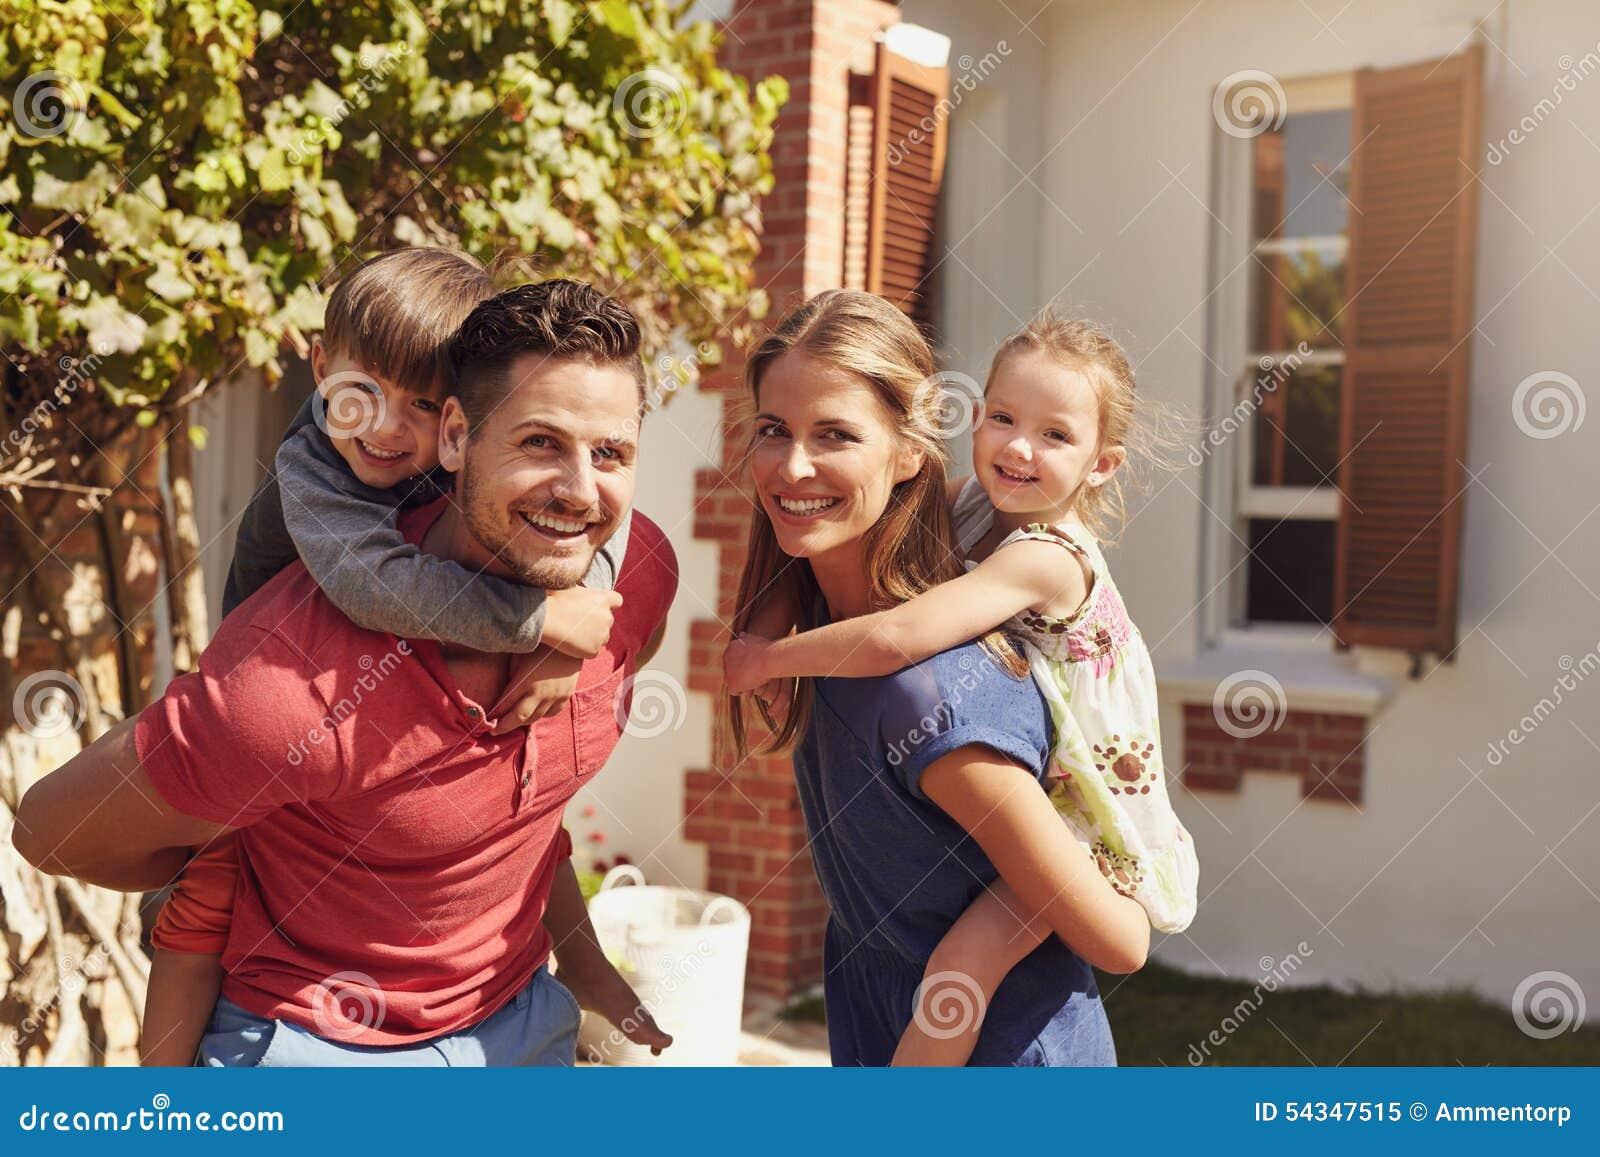 ead11792ff3ccb Crianças Levando Dos Pares Felizes Em Suas Partes Traseiras Imagem ...